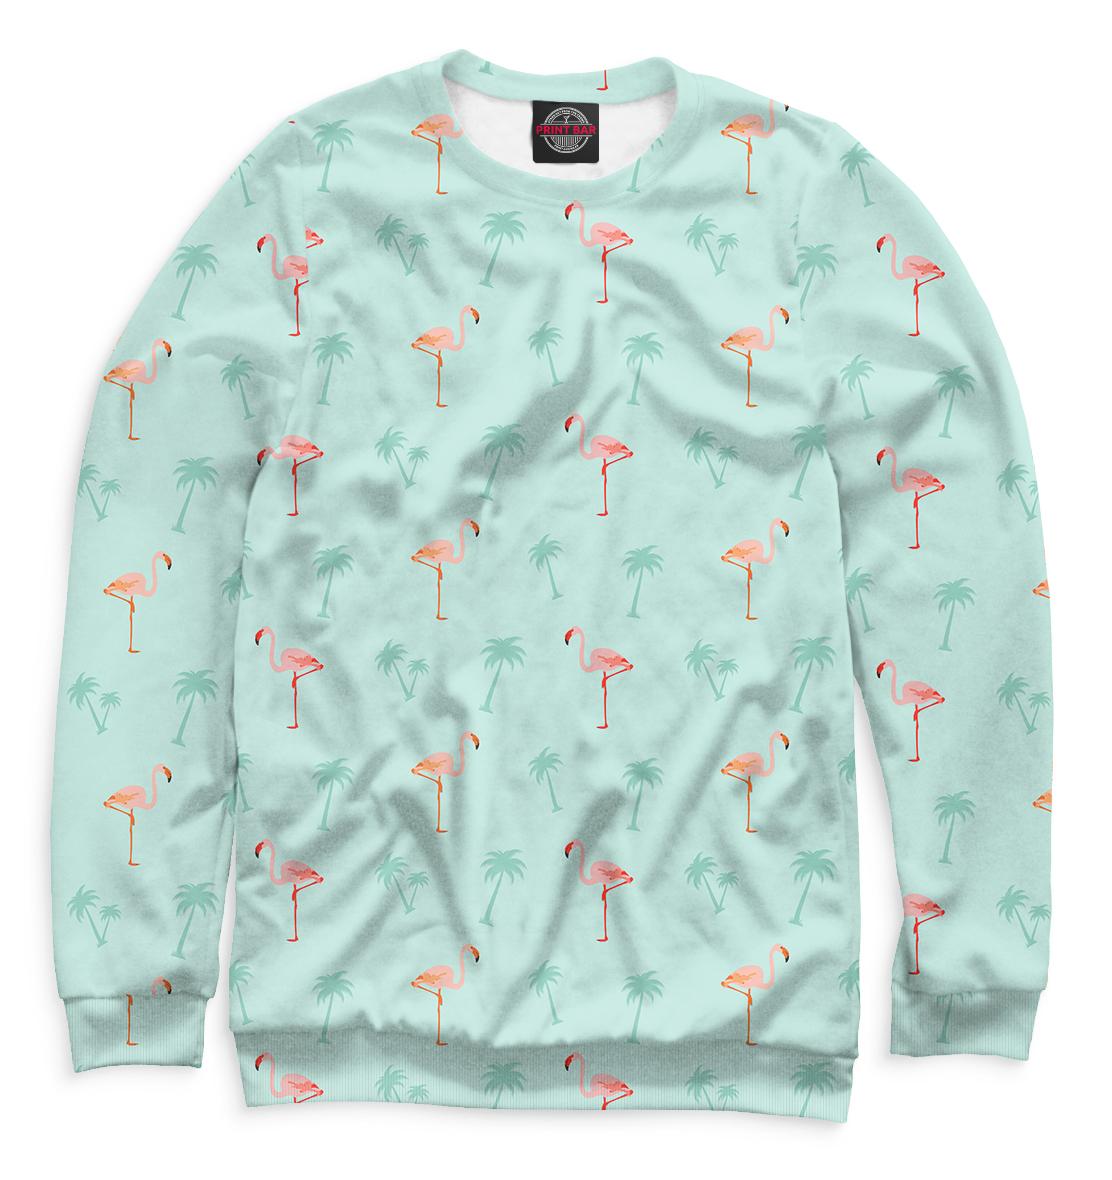 Купить Фламинго и пальмы, Printbar, Свитшоты, HIP-829342-swi-2